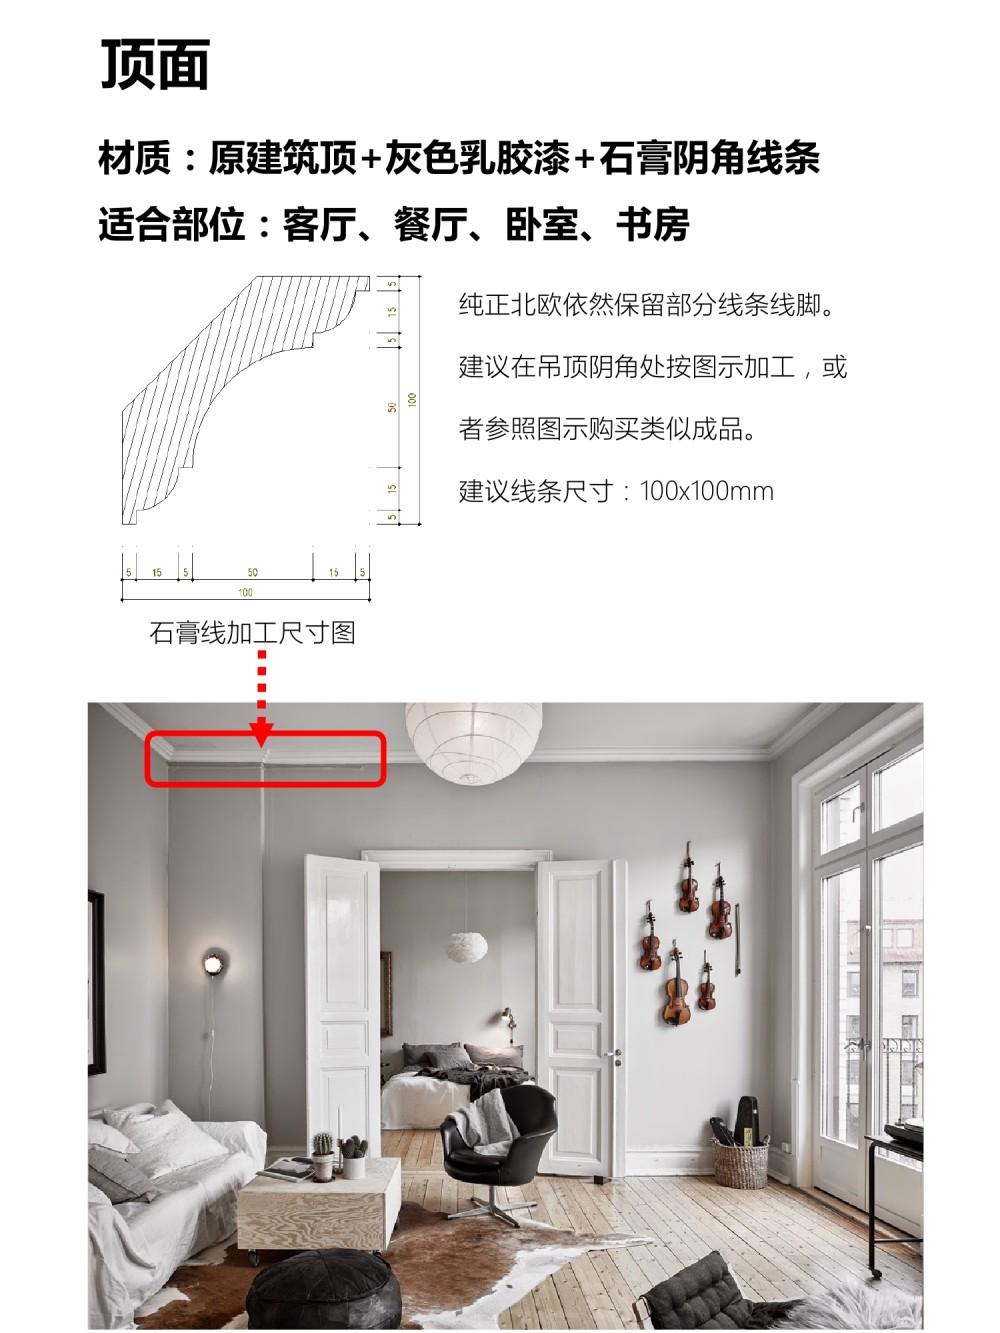 【指导手册】现代北欧风格DIY手册PDF+JPG 93P丨170M丨_09.jpg